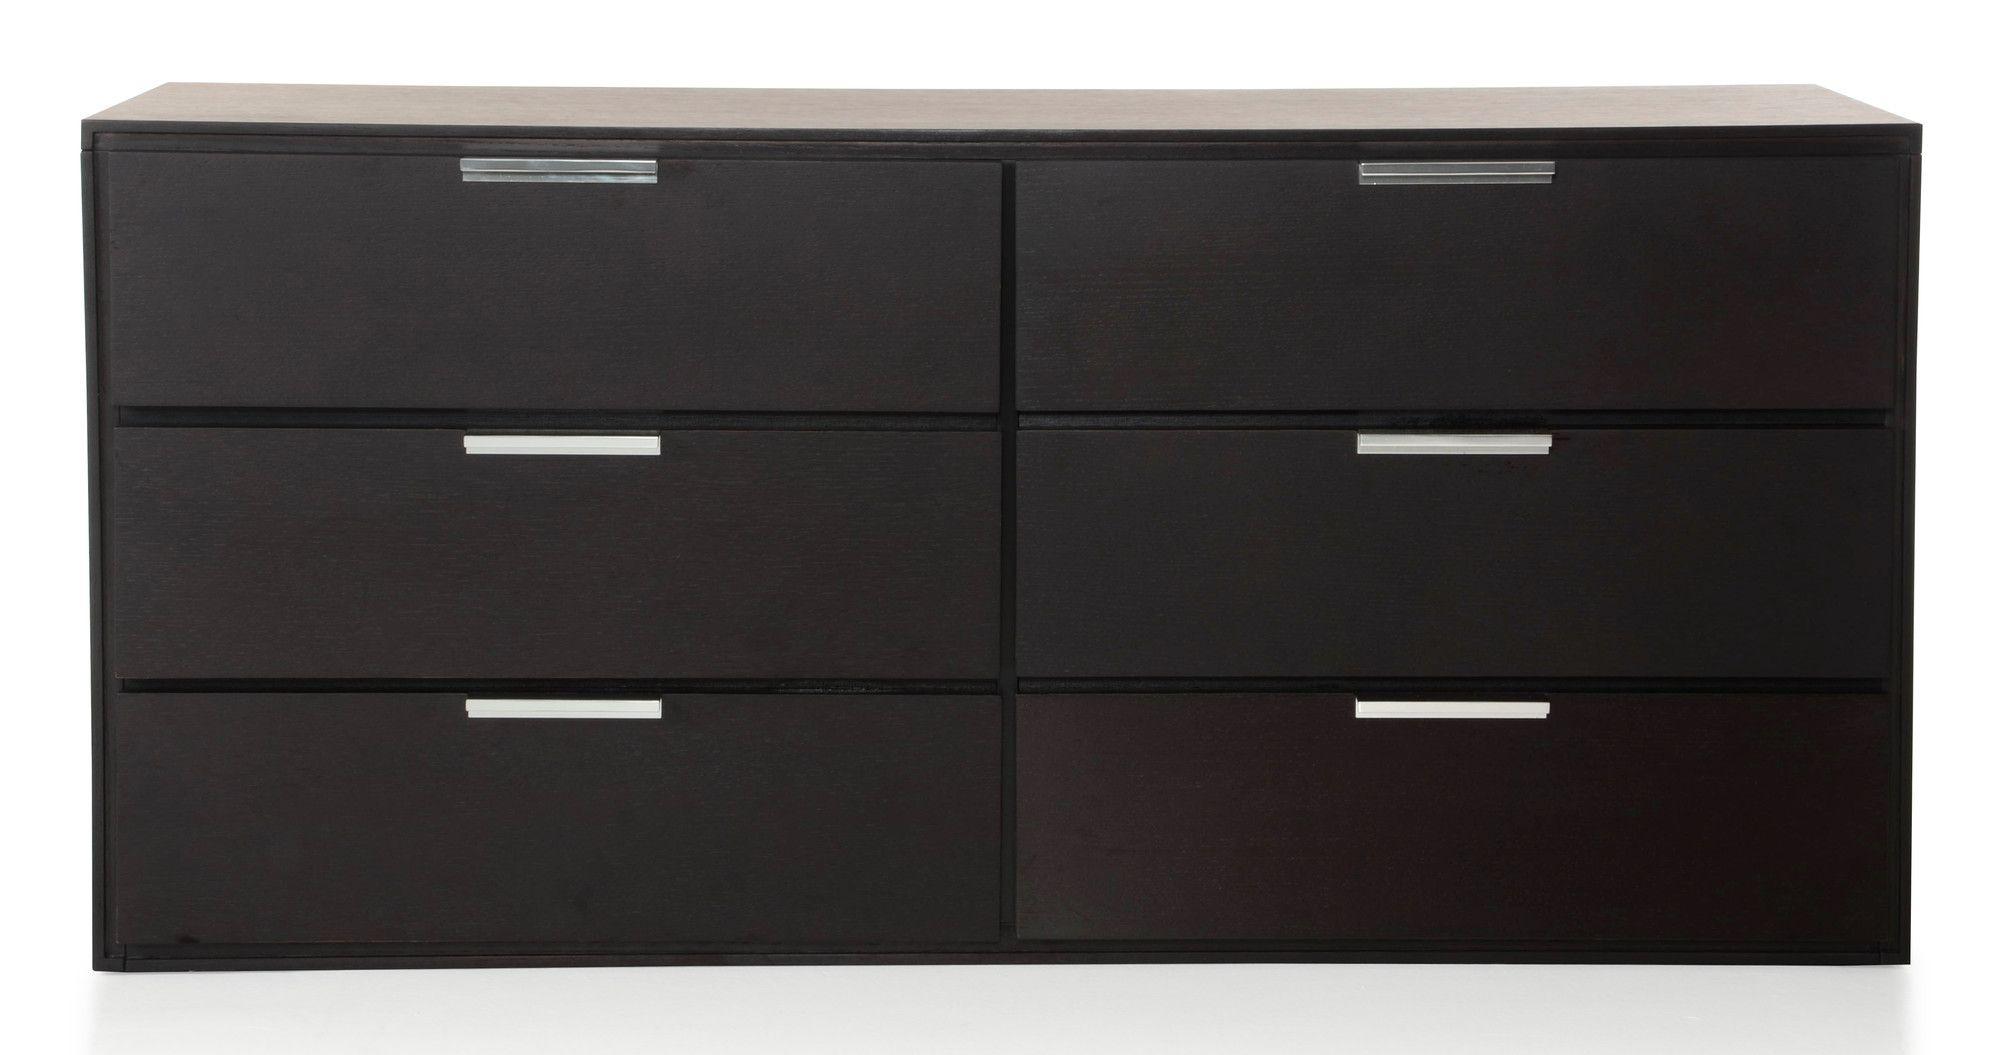 Barchov 4 Drawer Dresser